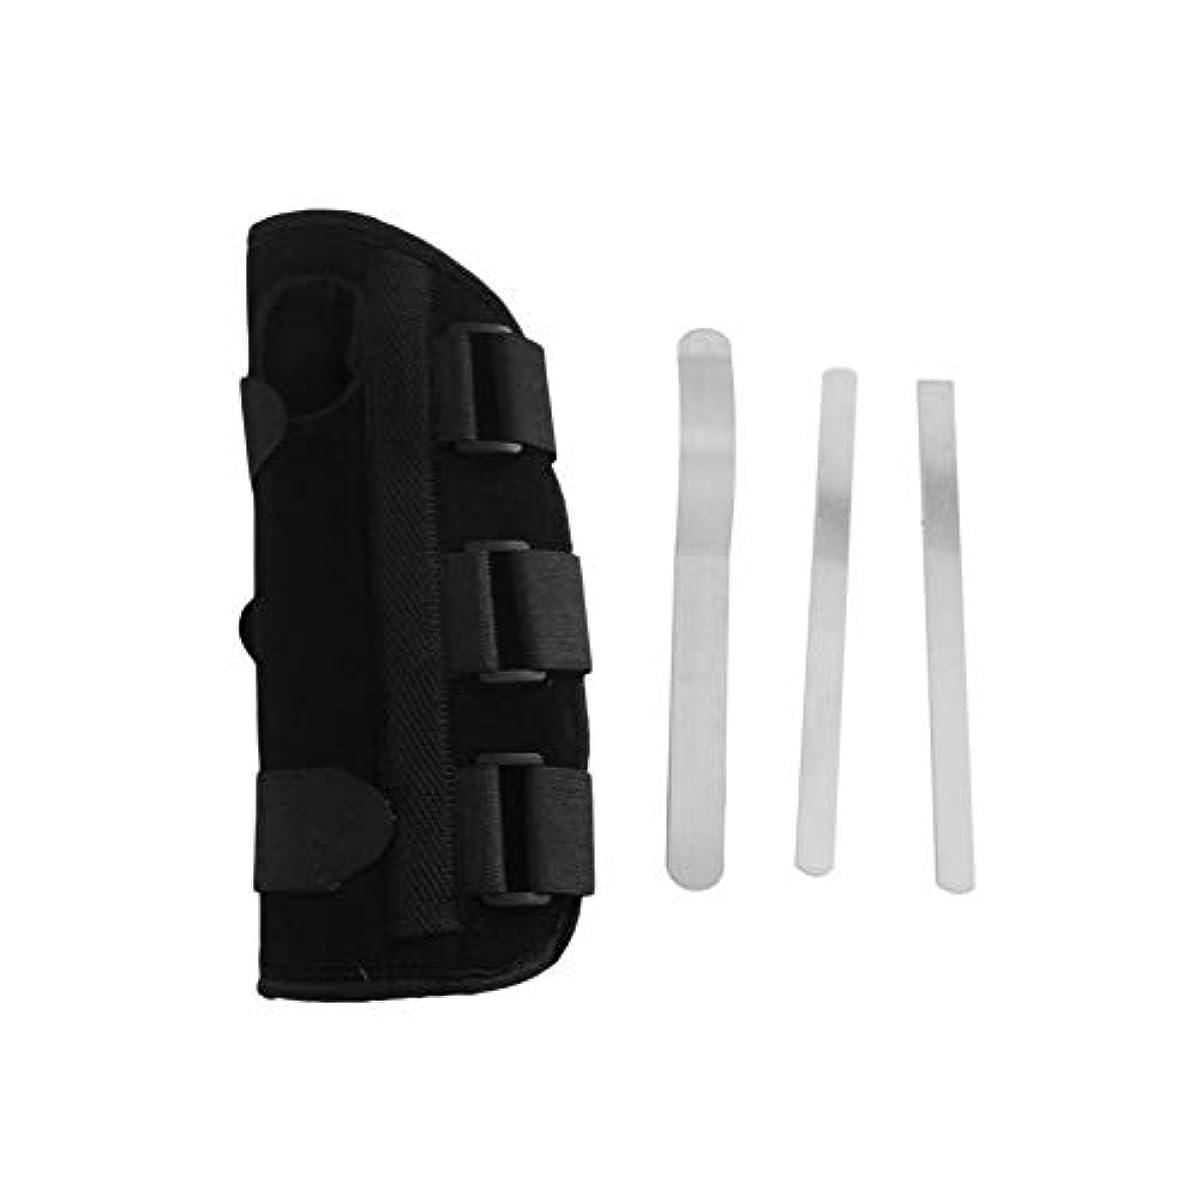 以上ブラインド象手首副木ブレース保護サポートストラップカルペルトンネルCTS RSI痛み軽減リムーバブル副木快適な軽量ストラップ - ブラックM